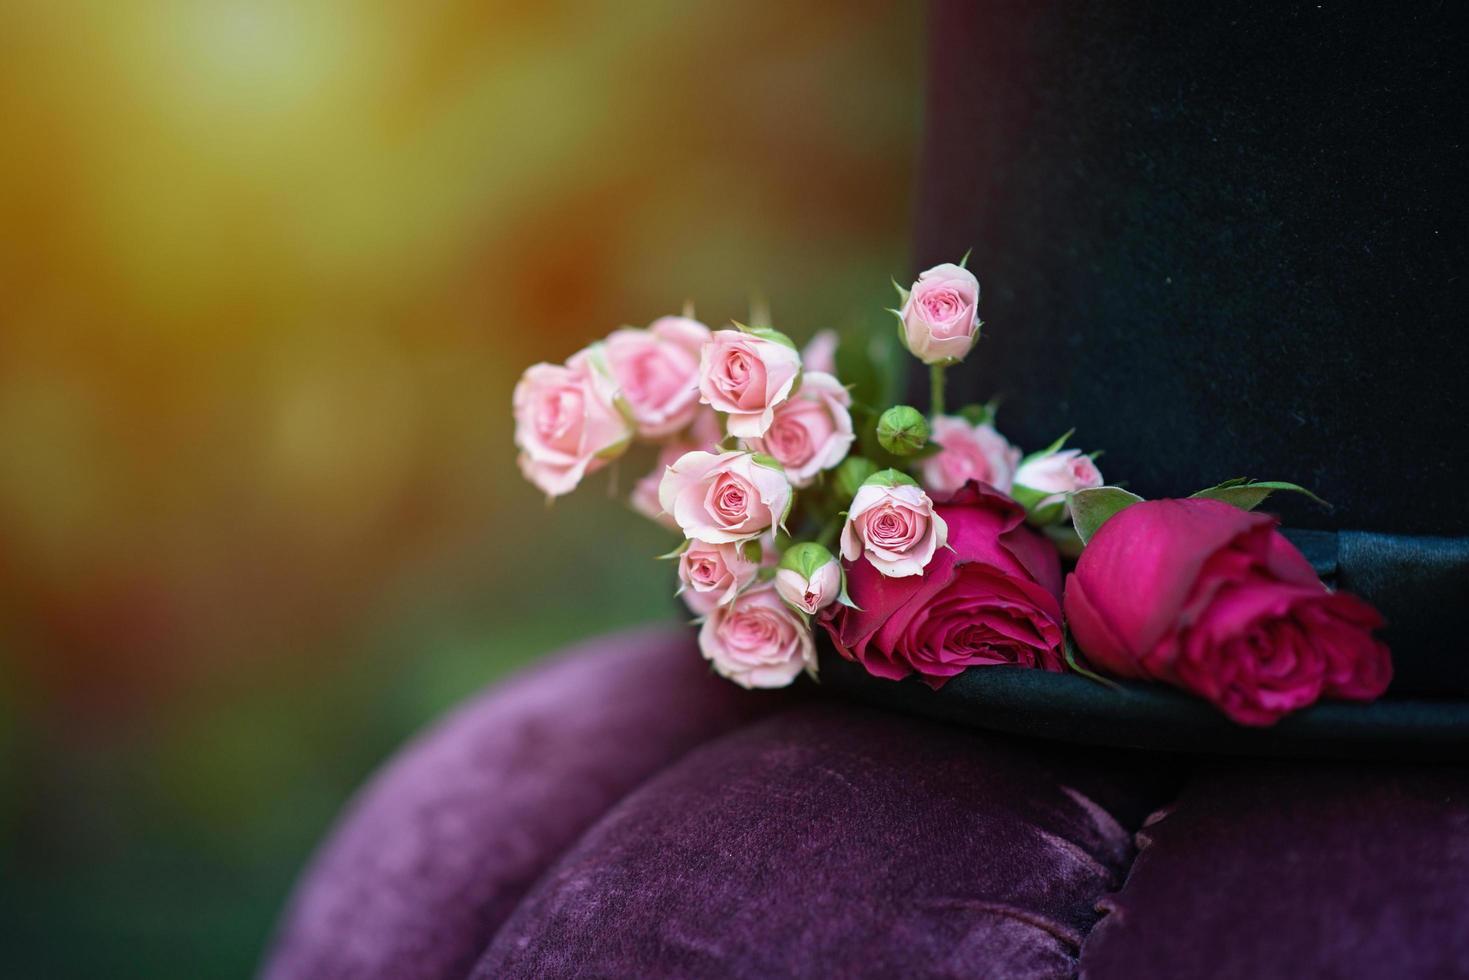 Alice i Underlandet. hattcylinder dekorerad med blommor rosor. närbild. mjukt selektivt fokus. foto